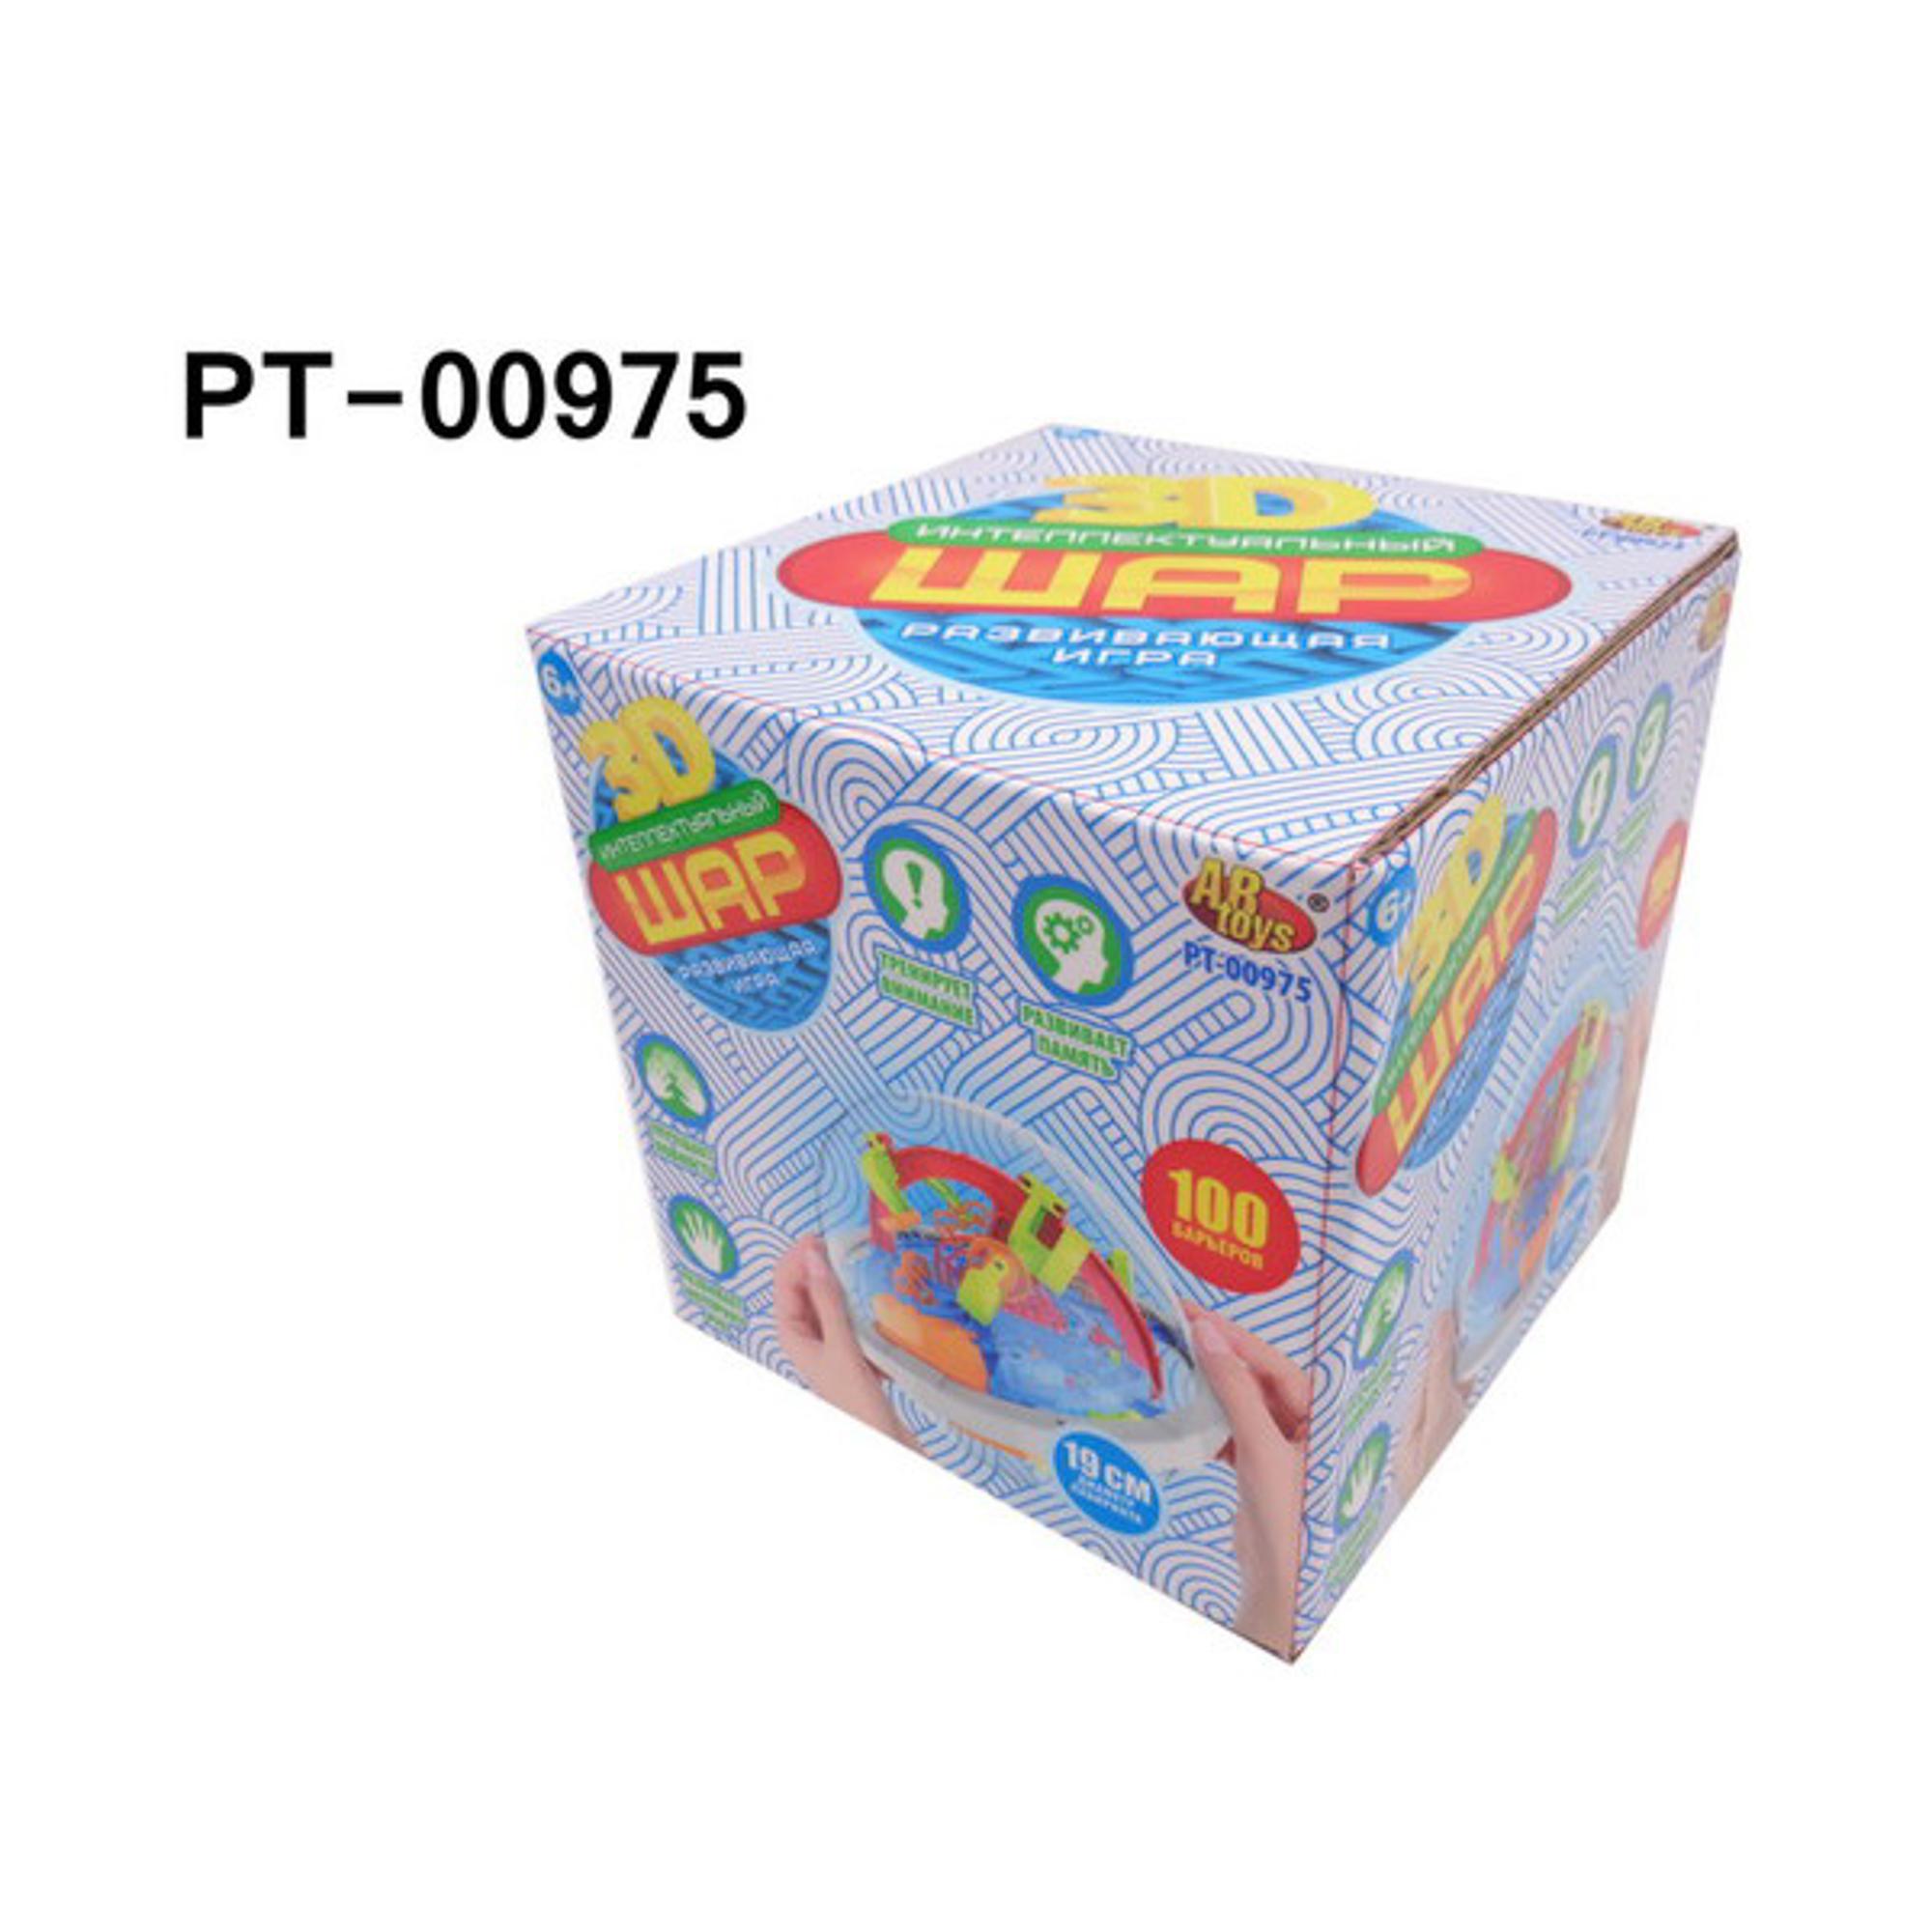 Купить Развивающая игра ABtoys 3D интеллектуальный шар 100 барьеров, Китай, пластик, Настольные игры